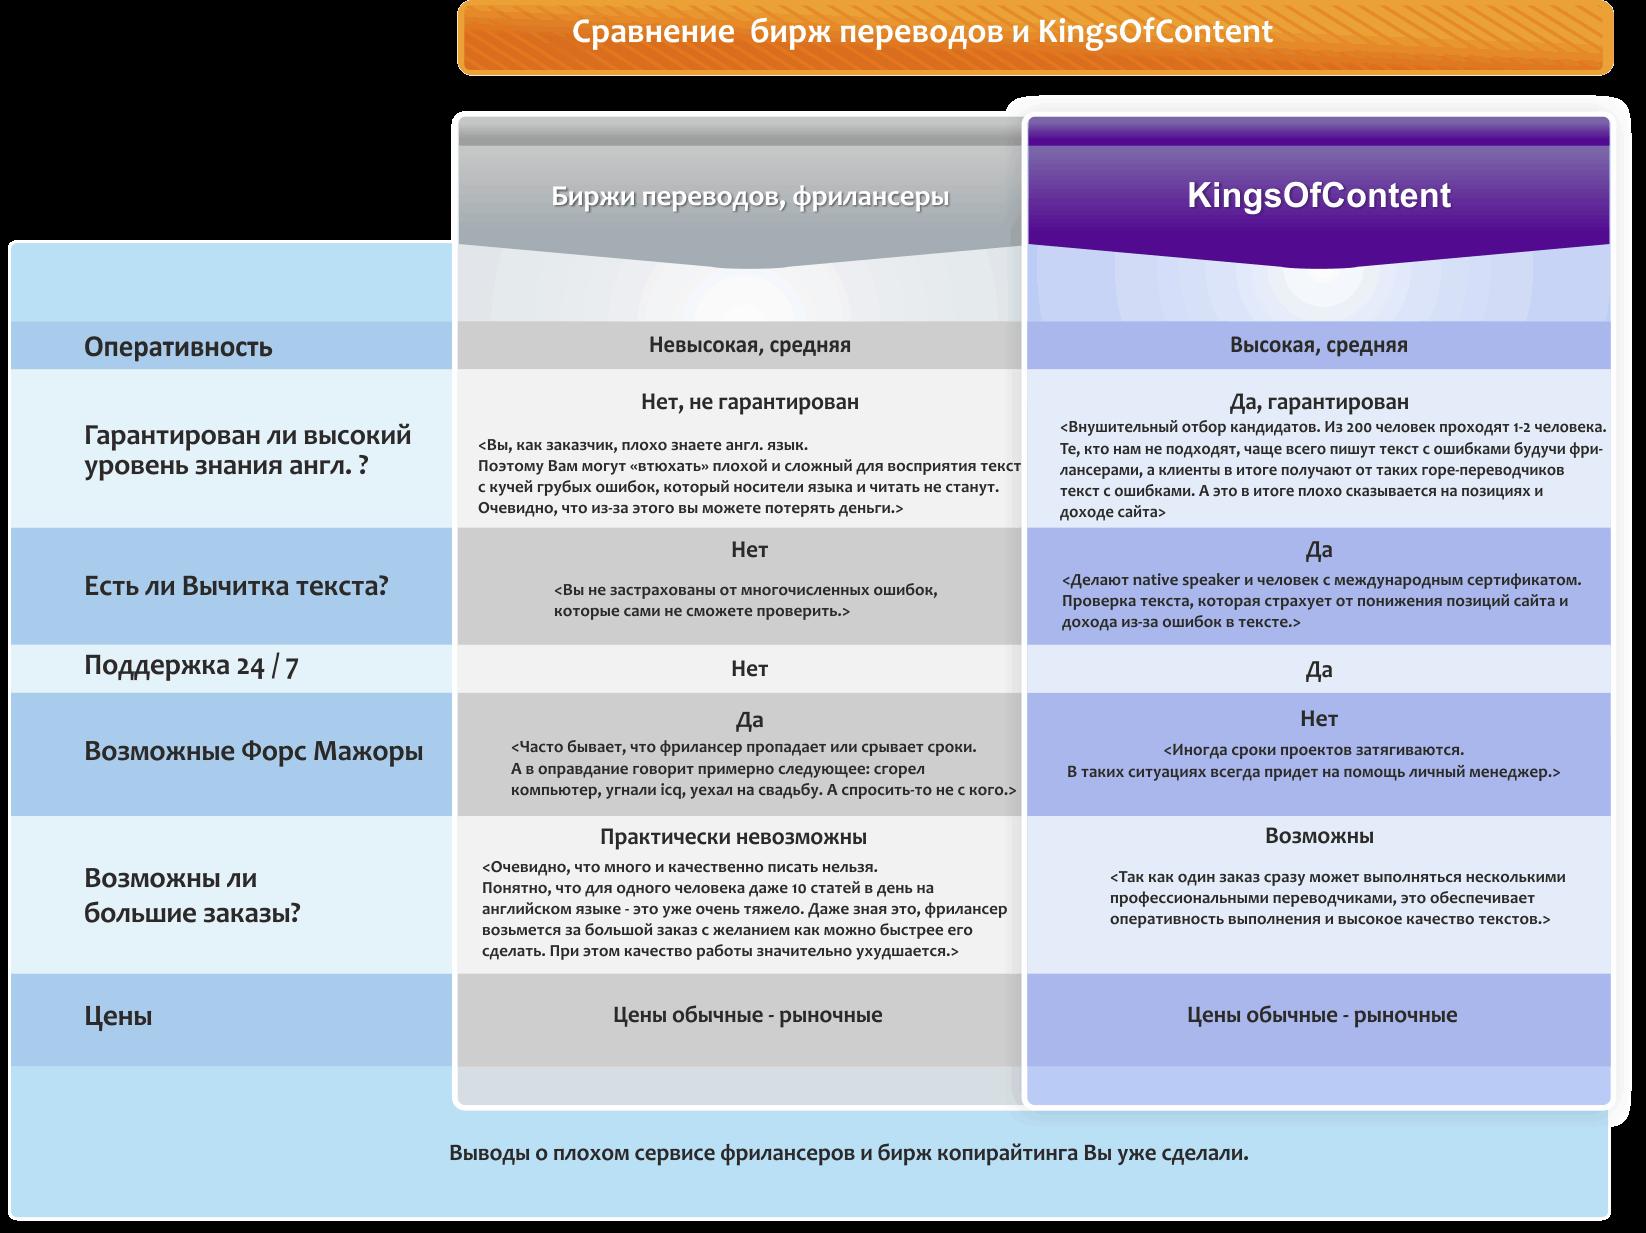 Сравнение Kings of Content с другими сервисами